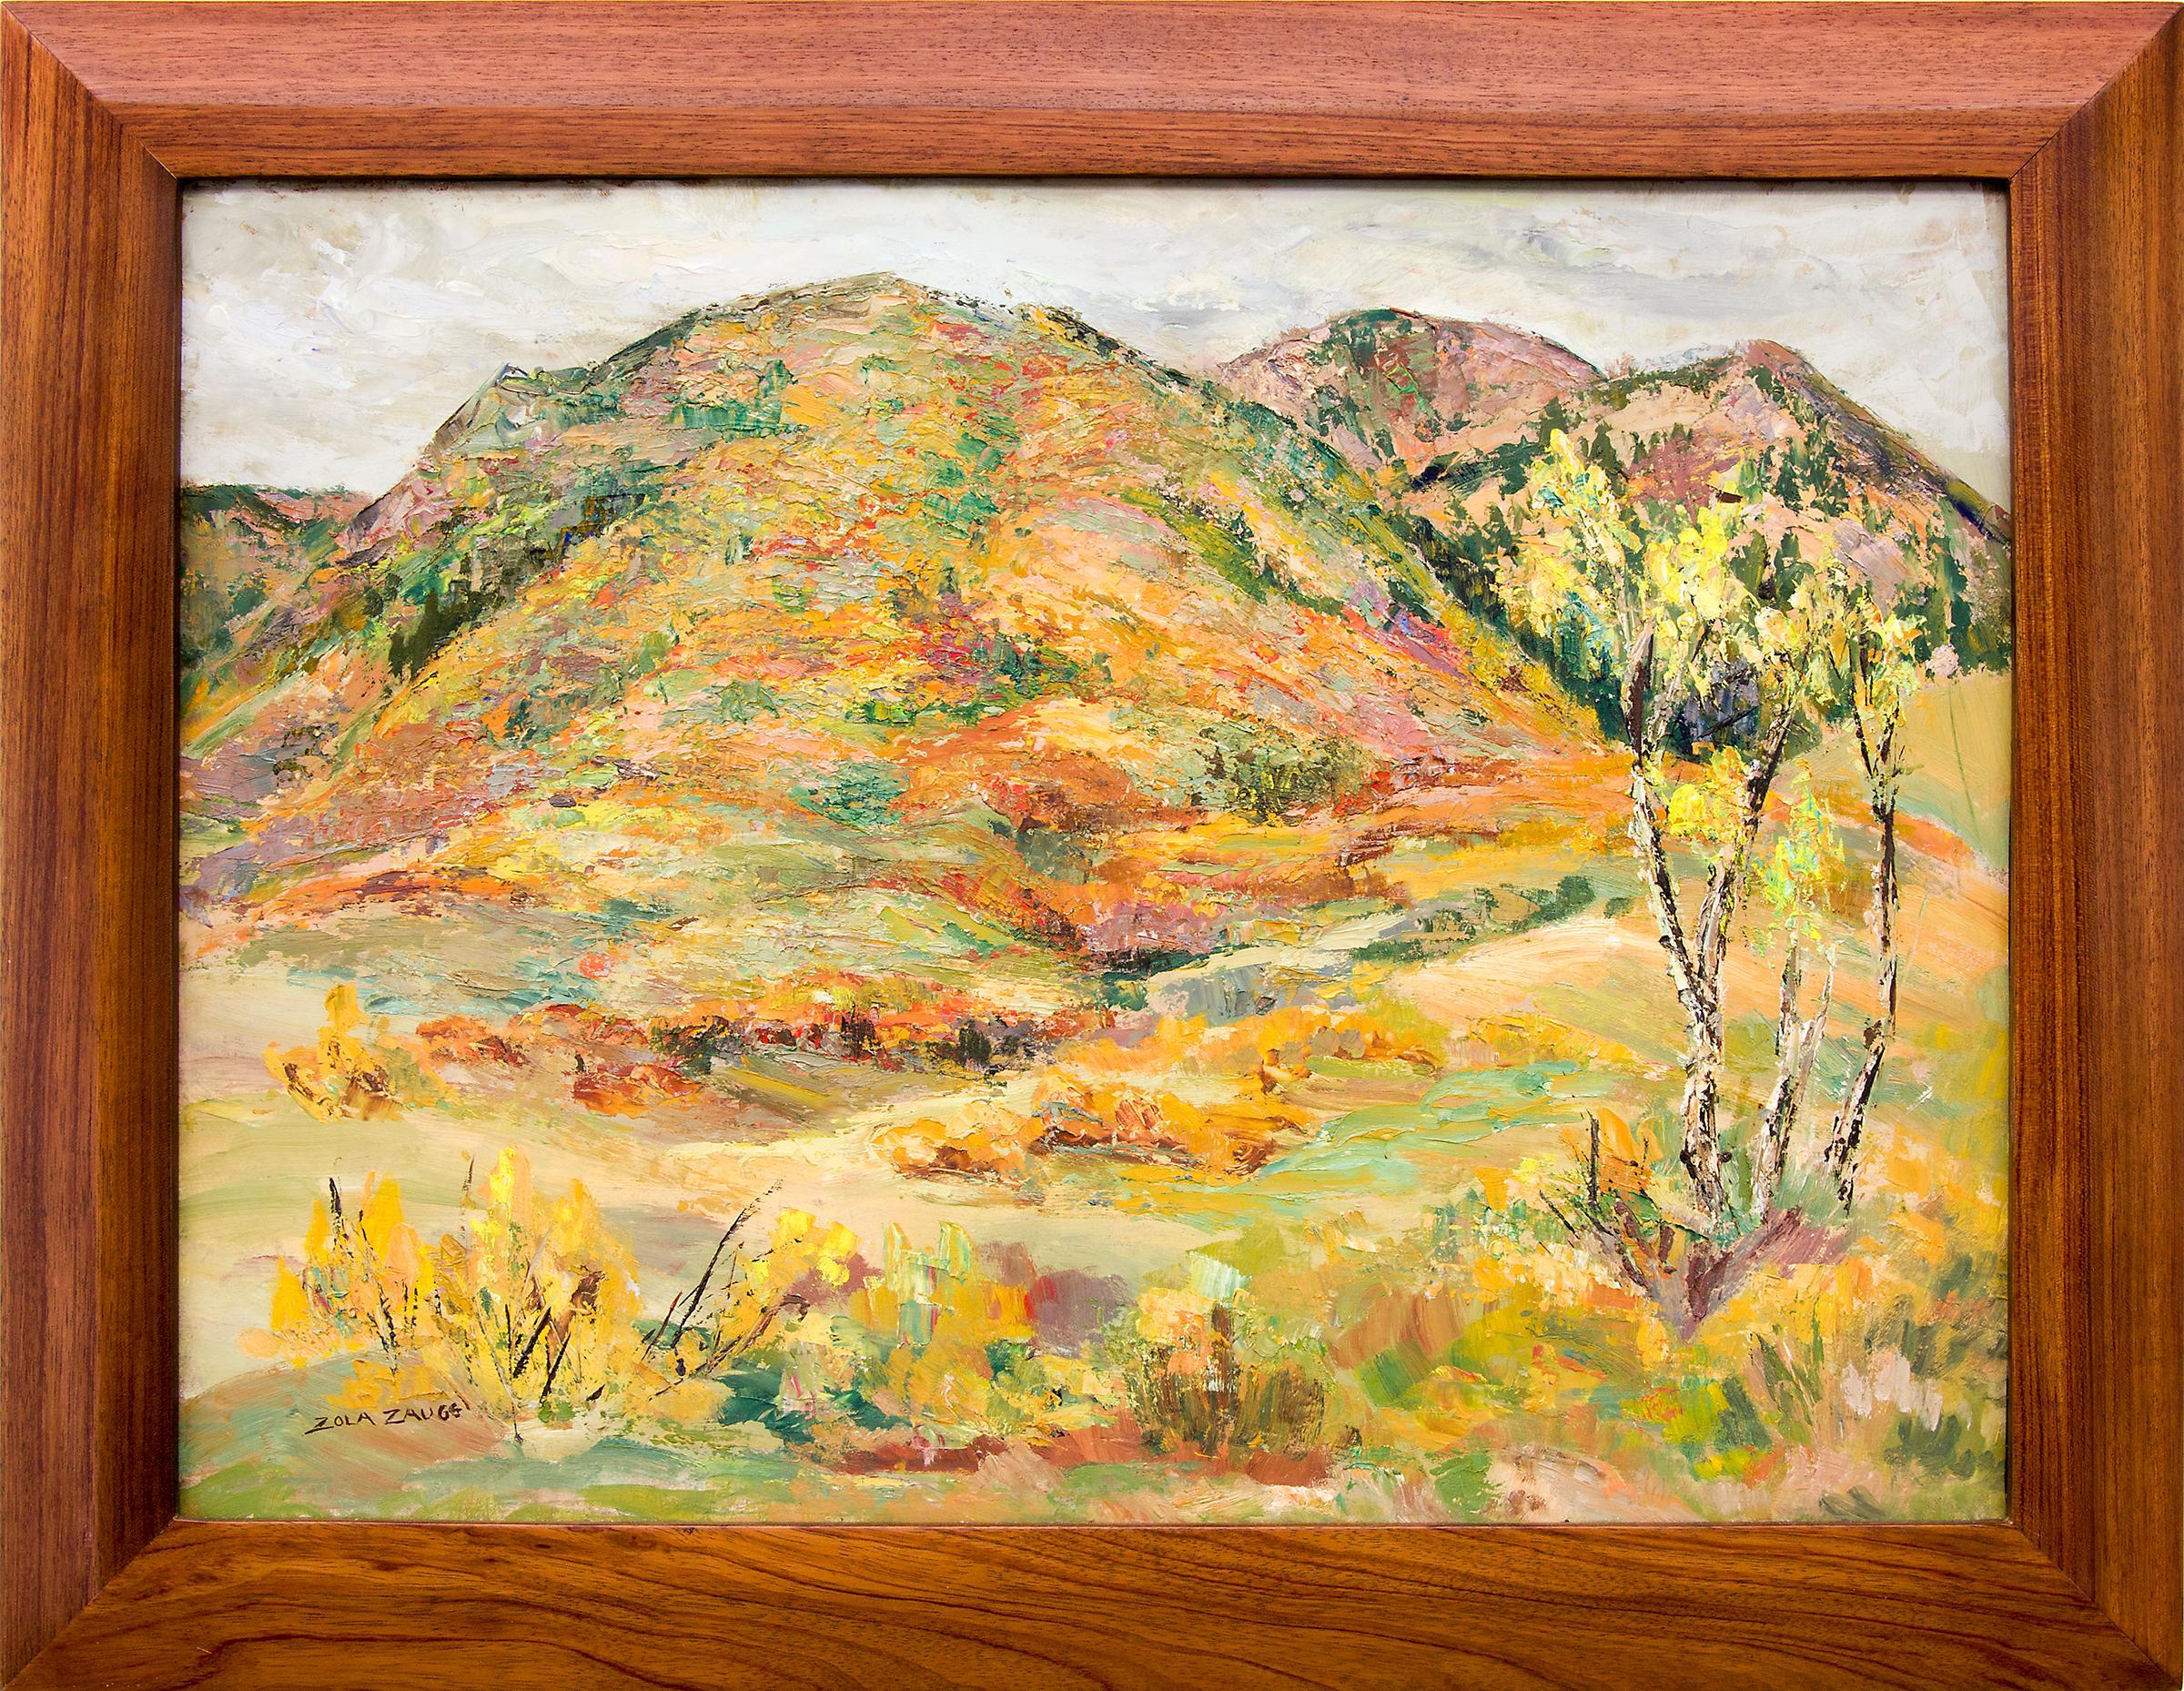 Mountain Landscape Painting, Autumn, Near Colorado Springs, CO, circa 1950